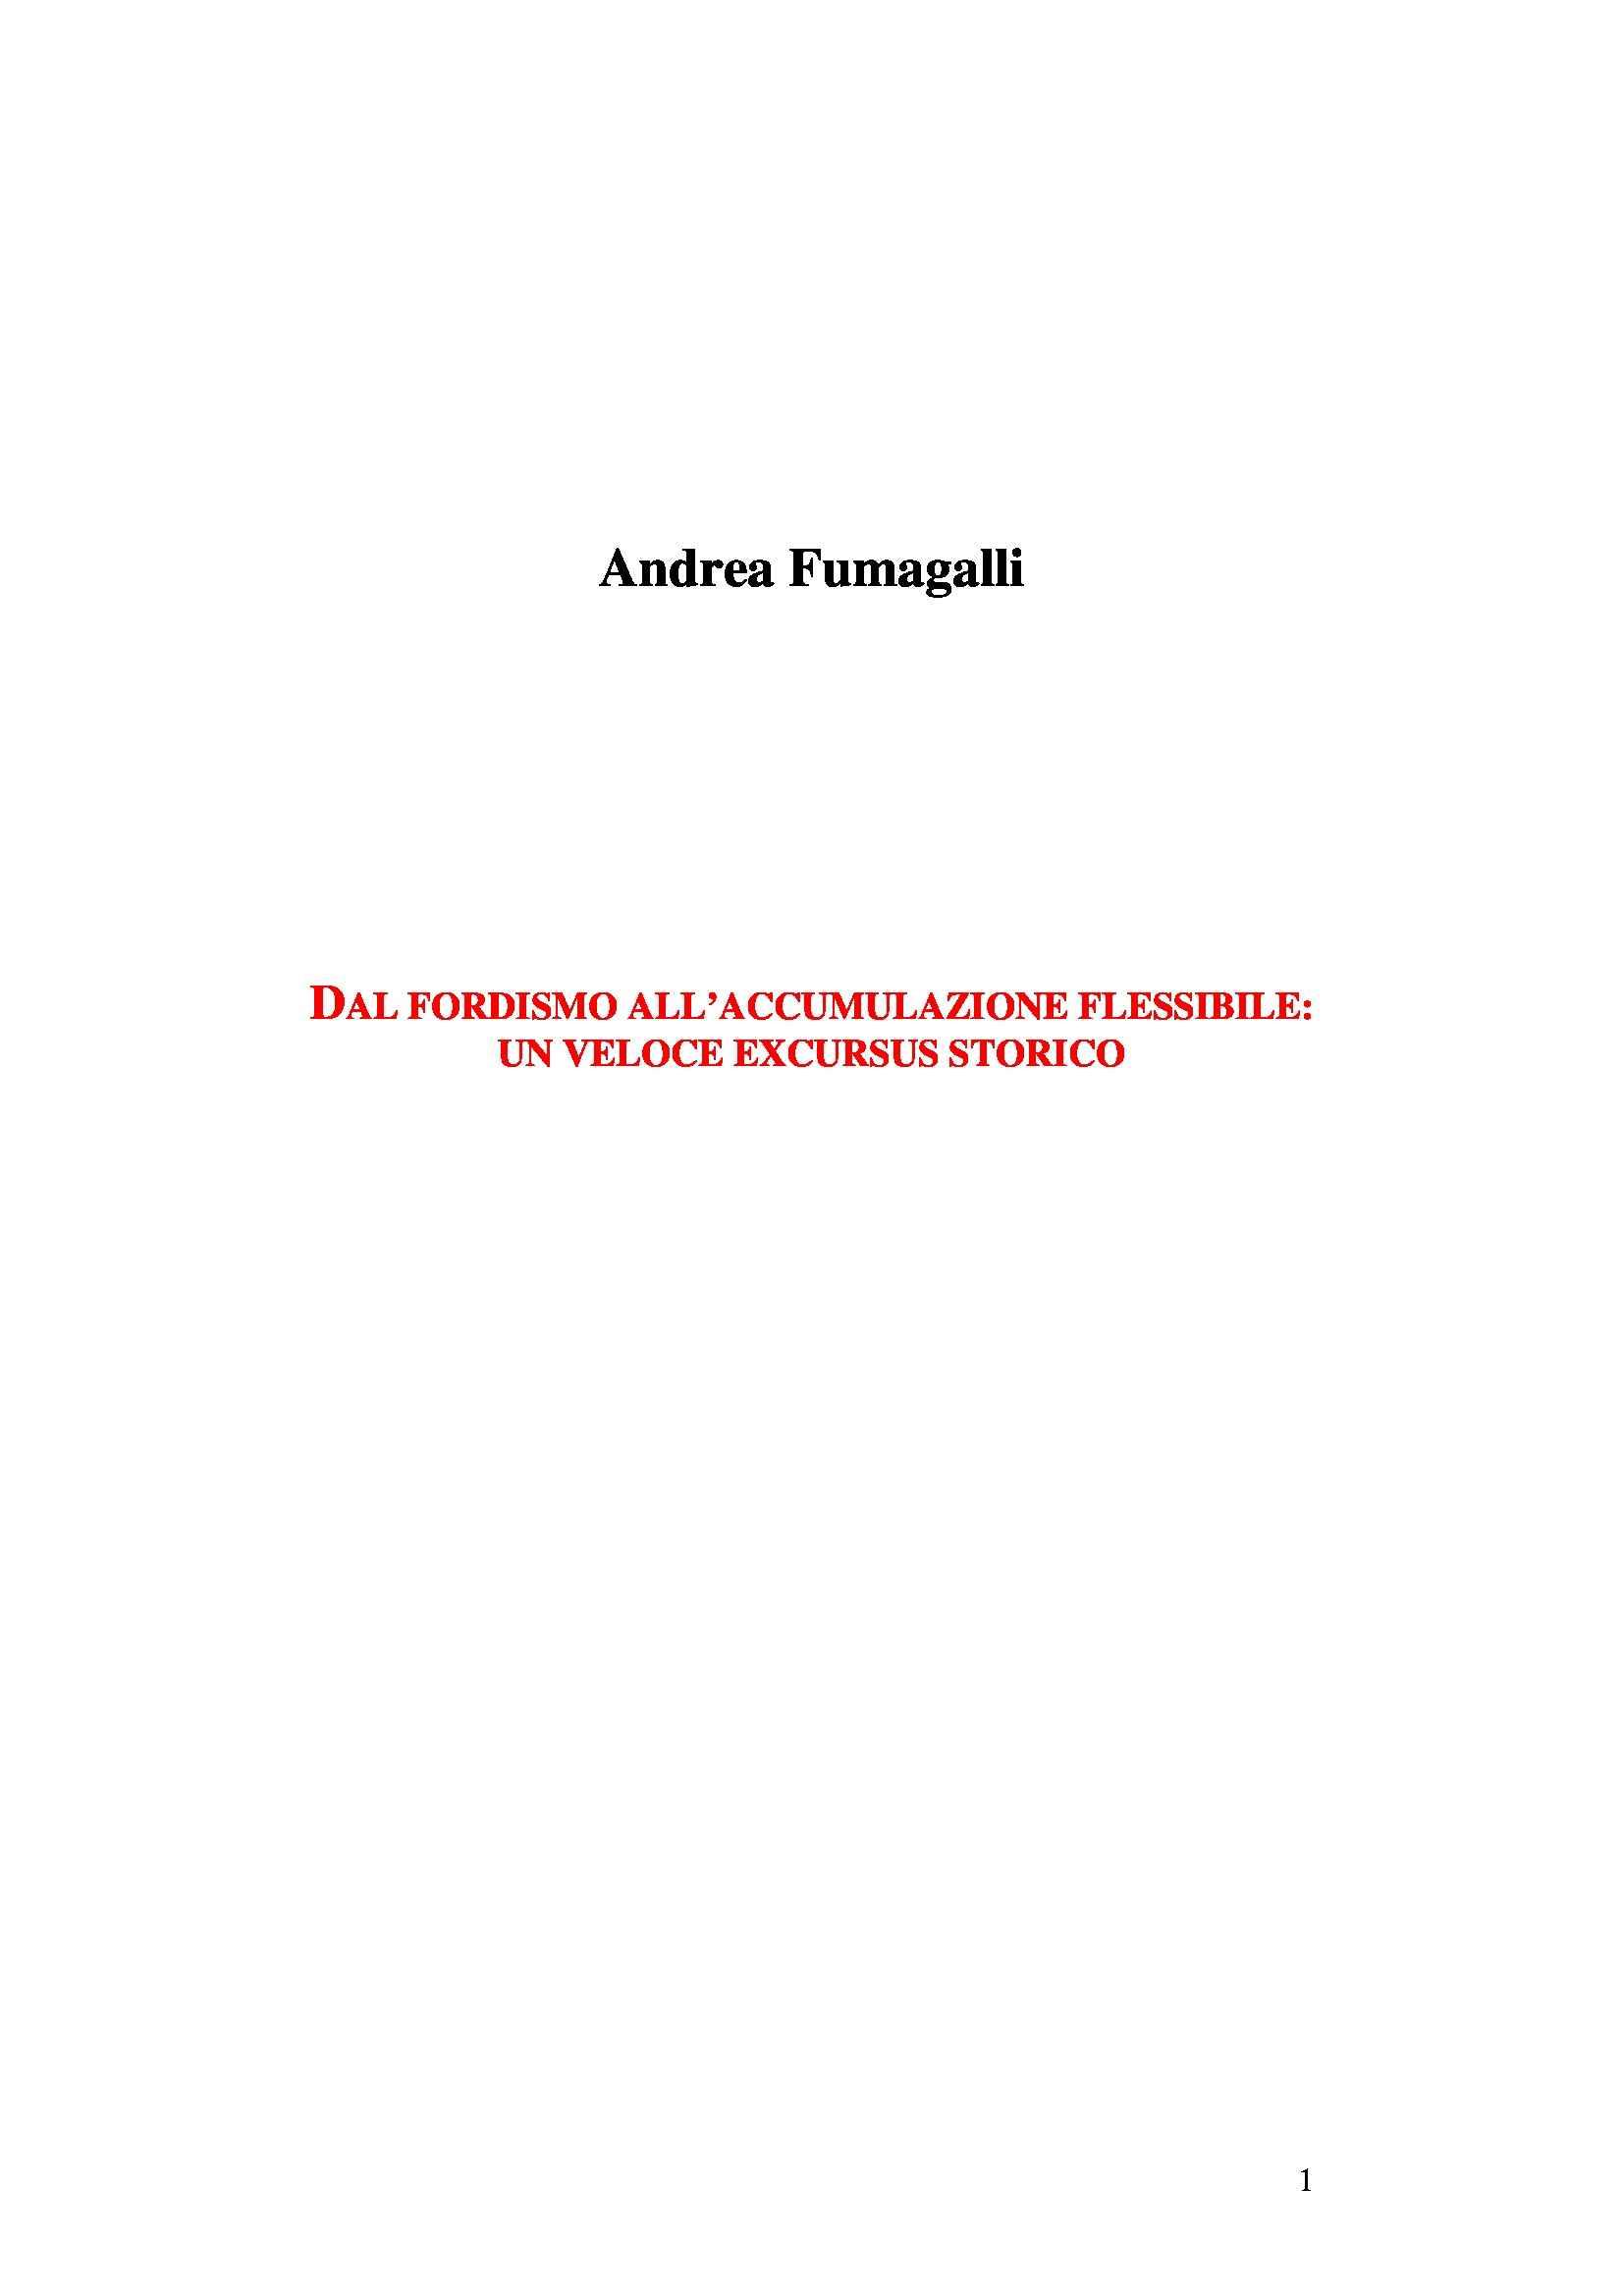 Fordismo e accumulazione flessibile